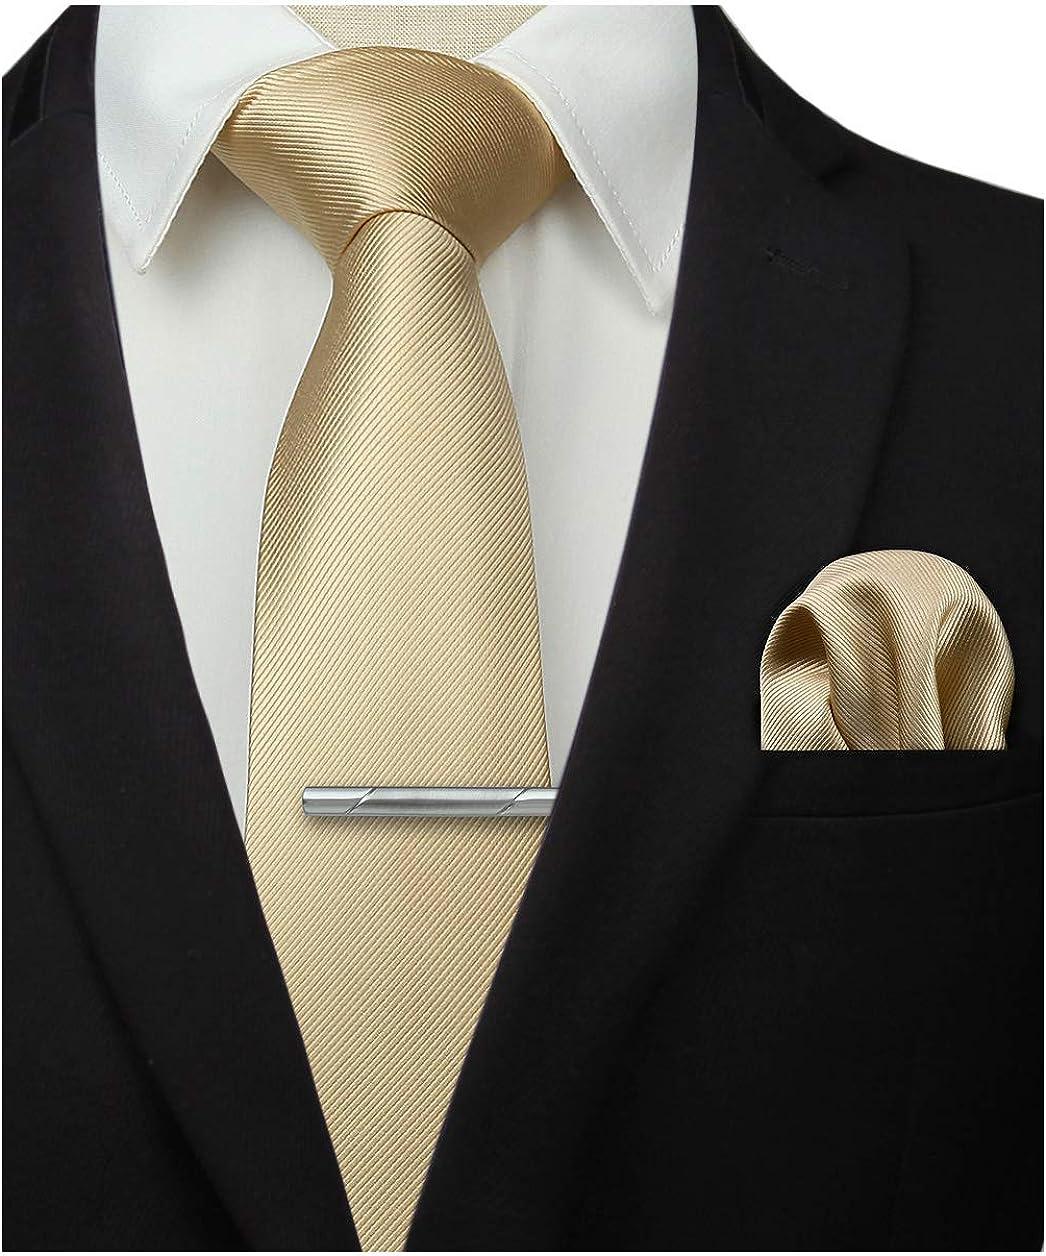 verschiedene Designs Krawatte und Einstecktuch klassische Herren-Krawatte mit Taschentuch Kunstseide in Designs Seide inkl. handgefertigt Herren-Krawatten-Set Manschettenkn/öpfen